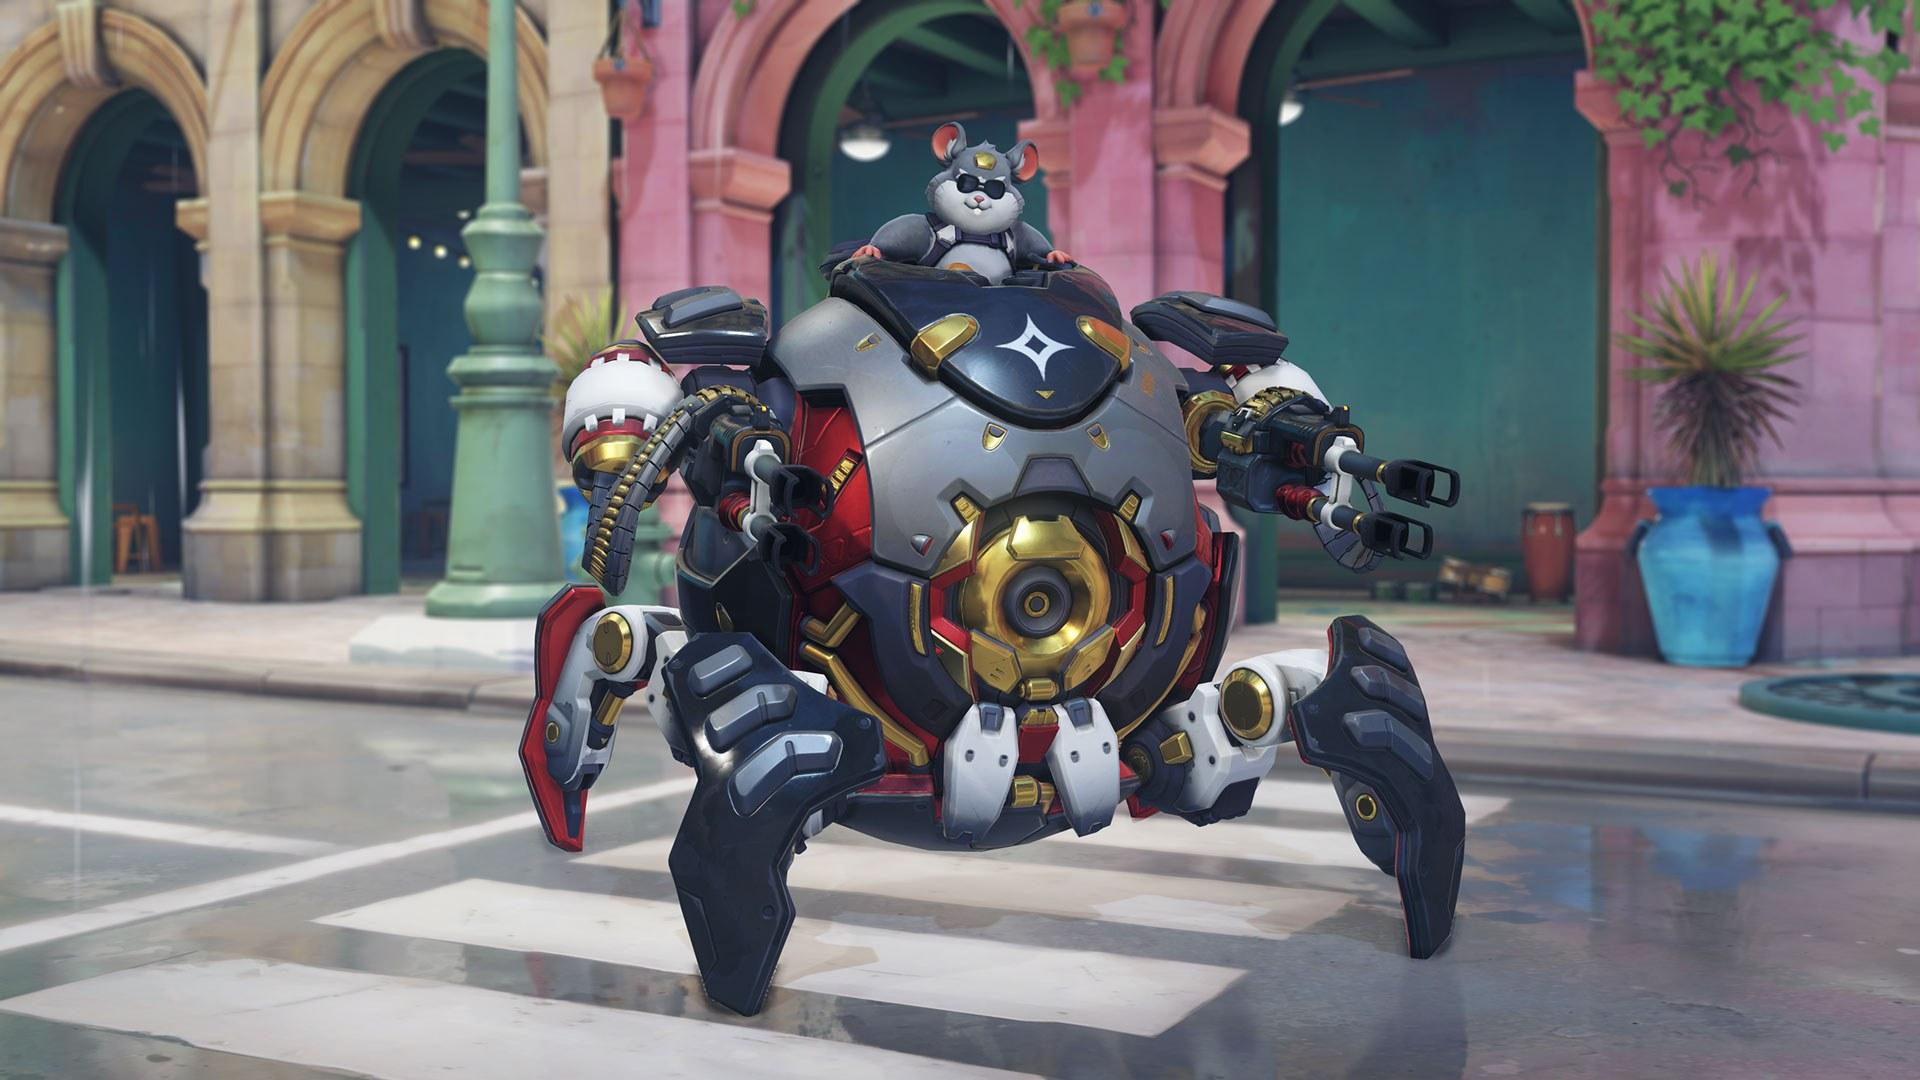 Blizzard Entertainment